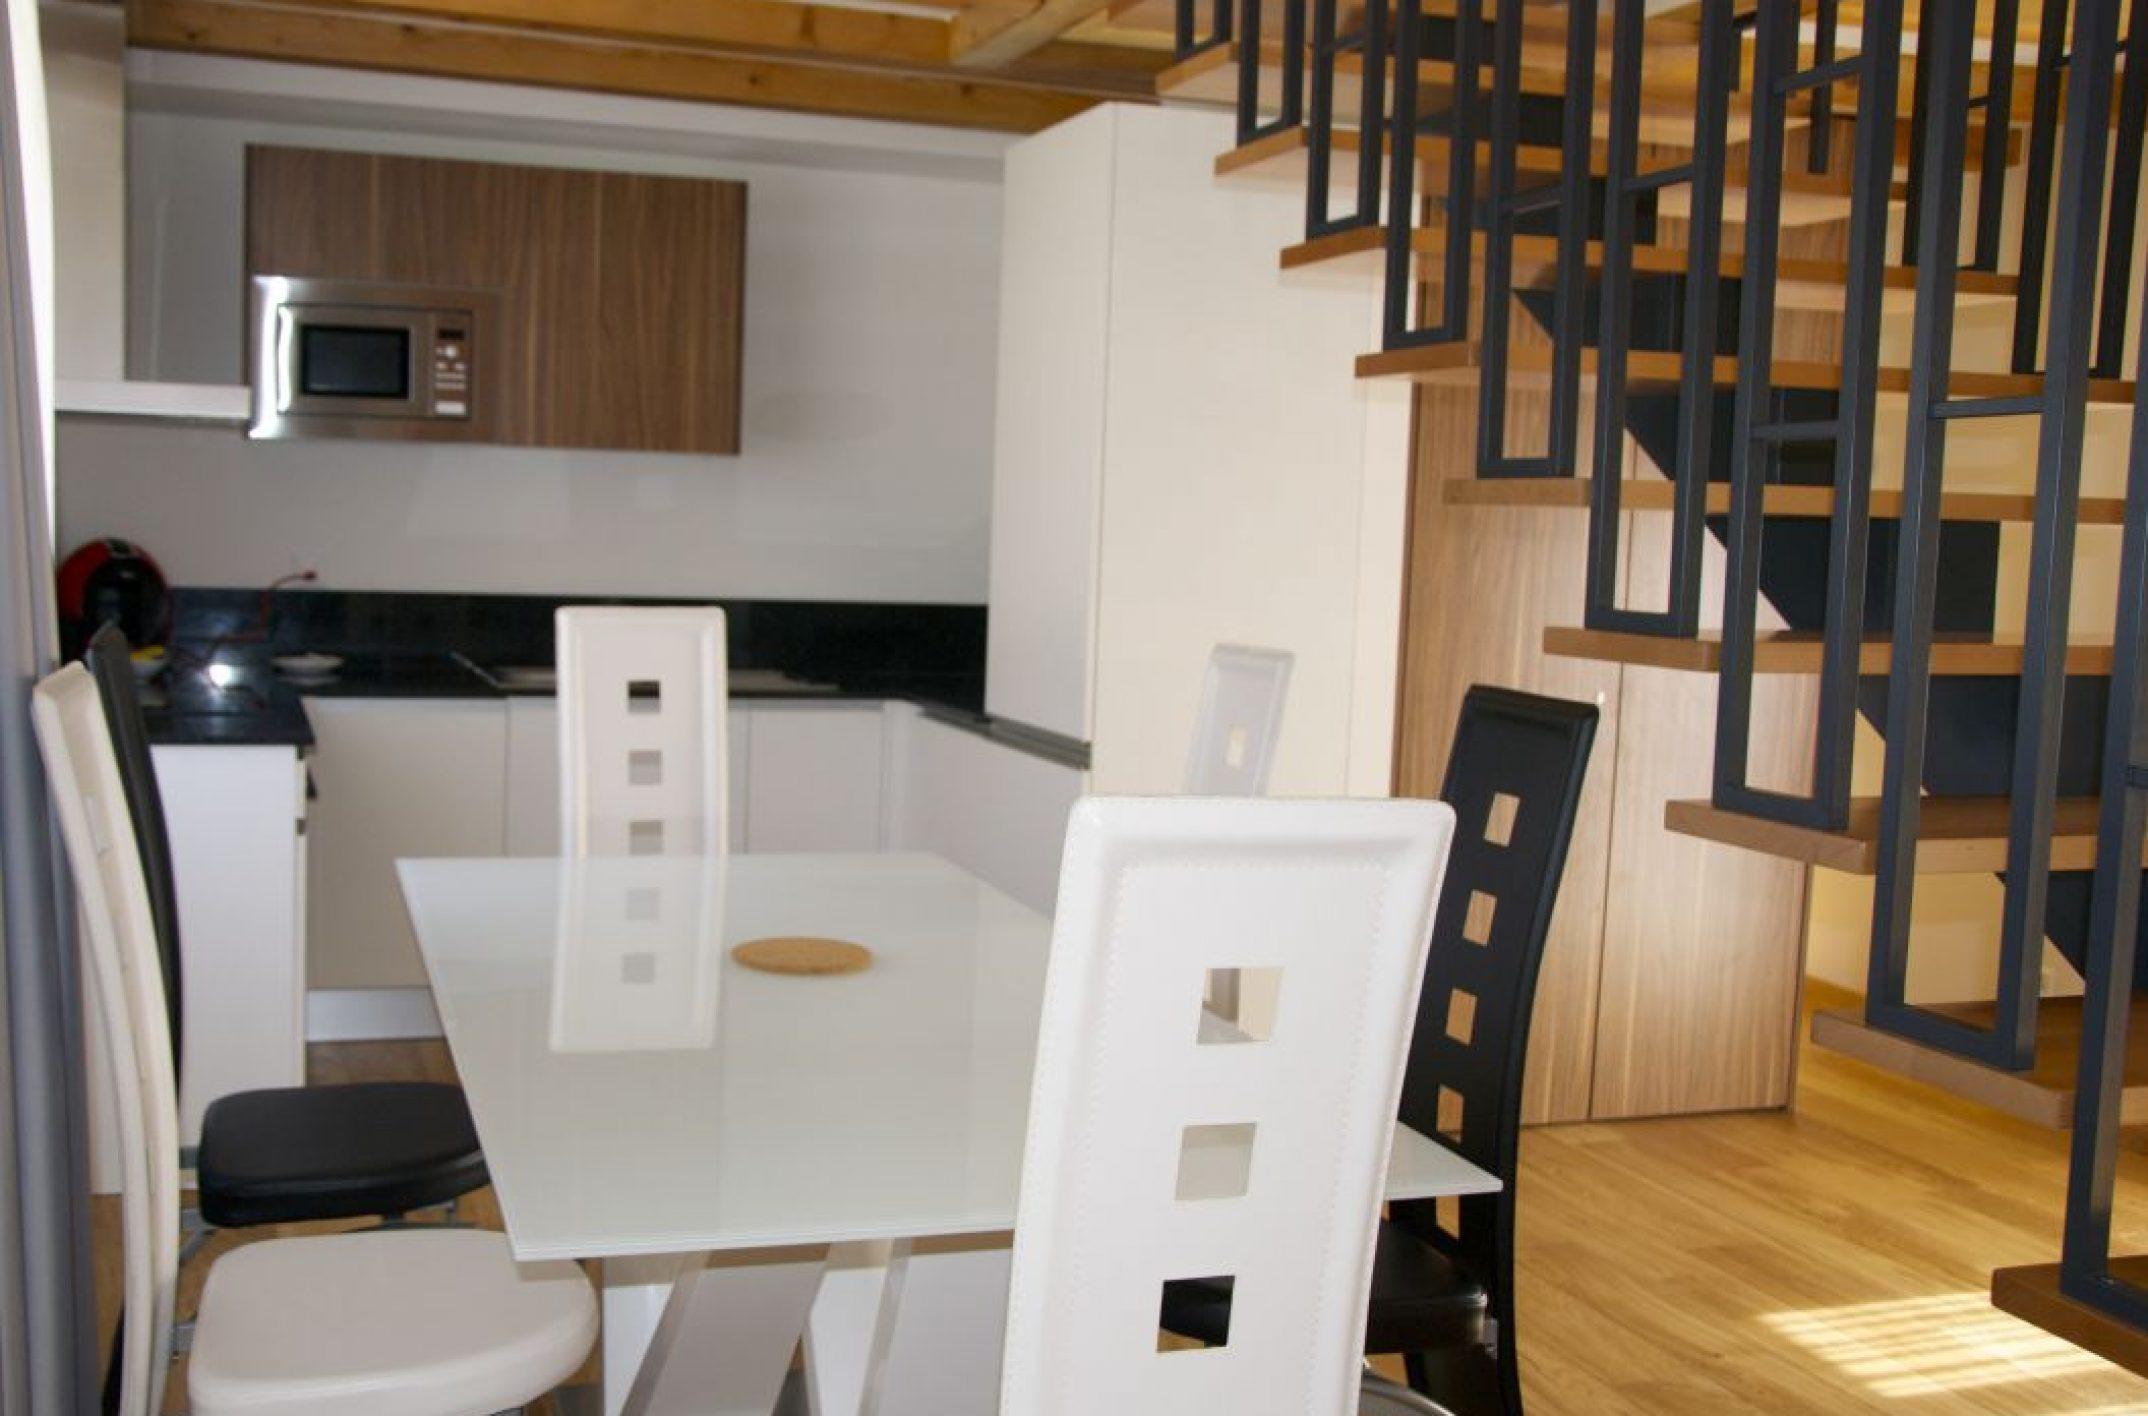 Acheter un appartement dans quel but - Acheter un premier appartement ...